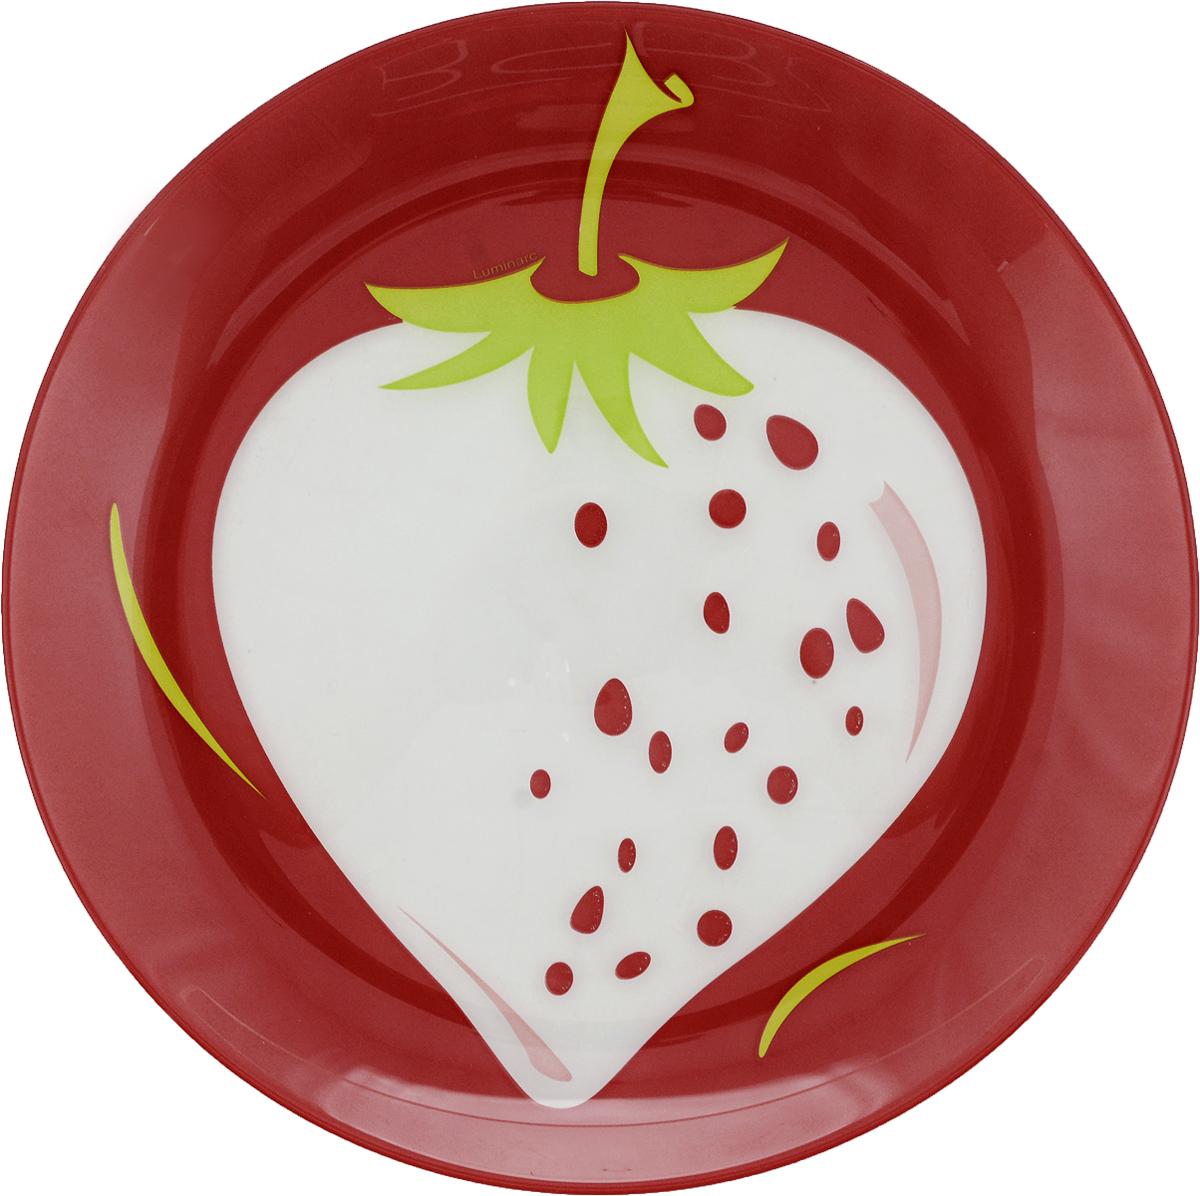 Тарелка десертная Luminarc Клубника, диаметр 20 см115510Десертная тарелка Luminarc Клубника, изготовленная из высококачественного стекла, имеет изысканный внешний вид. Такая тарелка прекрасно подходит как для торжественных случаев, так и для повседневного использования. Идеальна для подачи десертов, пирожных, тортов и многого другого. Она прекрасно оформит стол и станет отличным дополнением к вашей коллекции кухонной посуды.Диаметр тарелки: 20 см.Высота тарелки: 1,5 см.